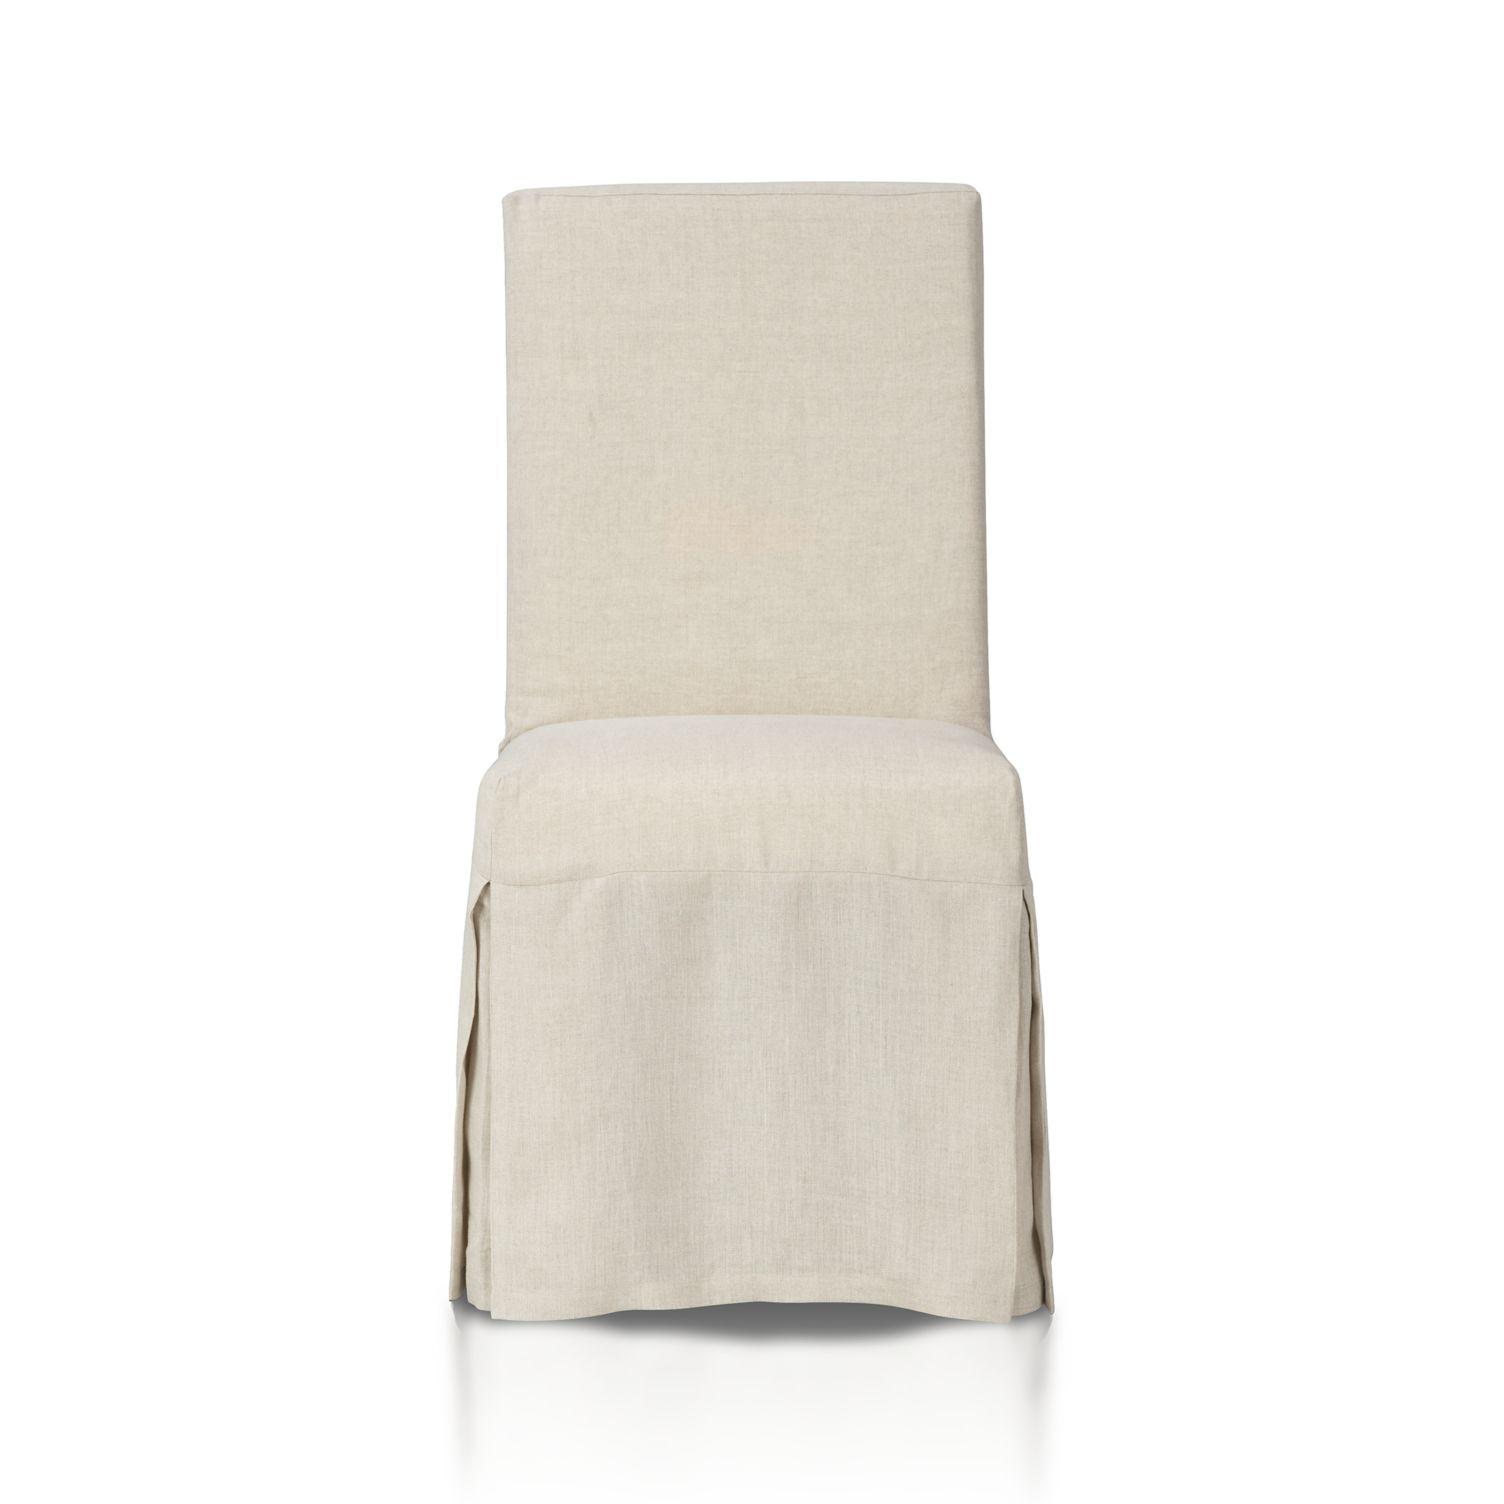 Slip Linen Dining Chair